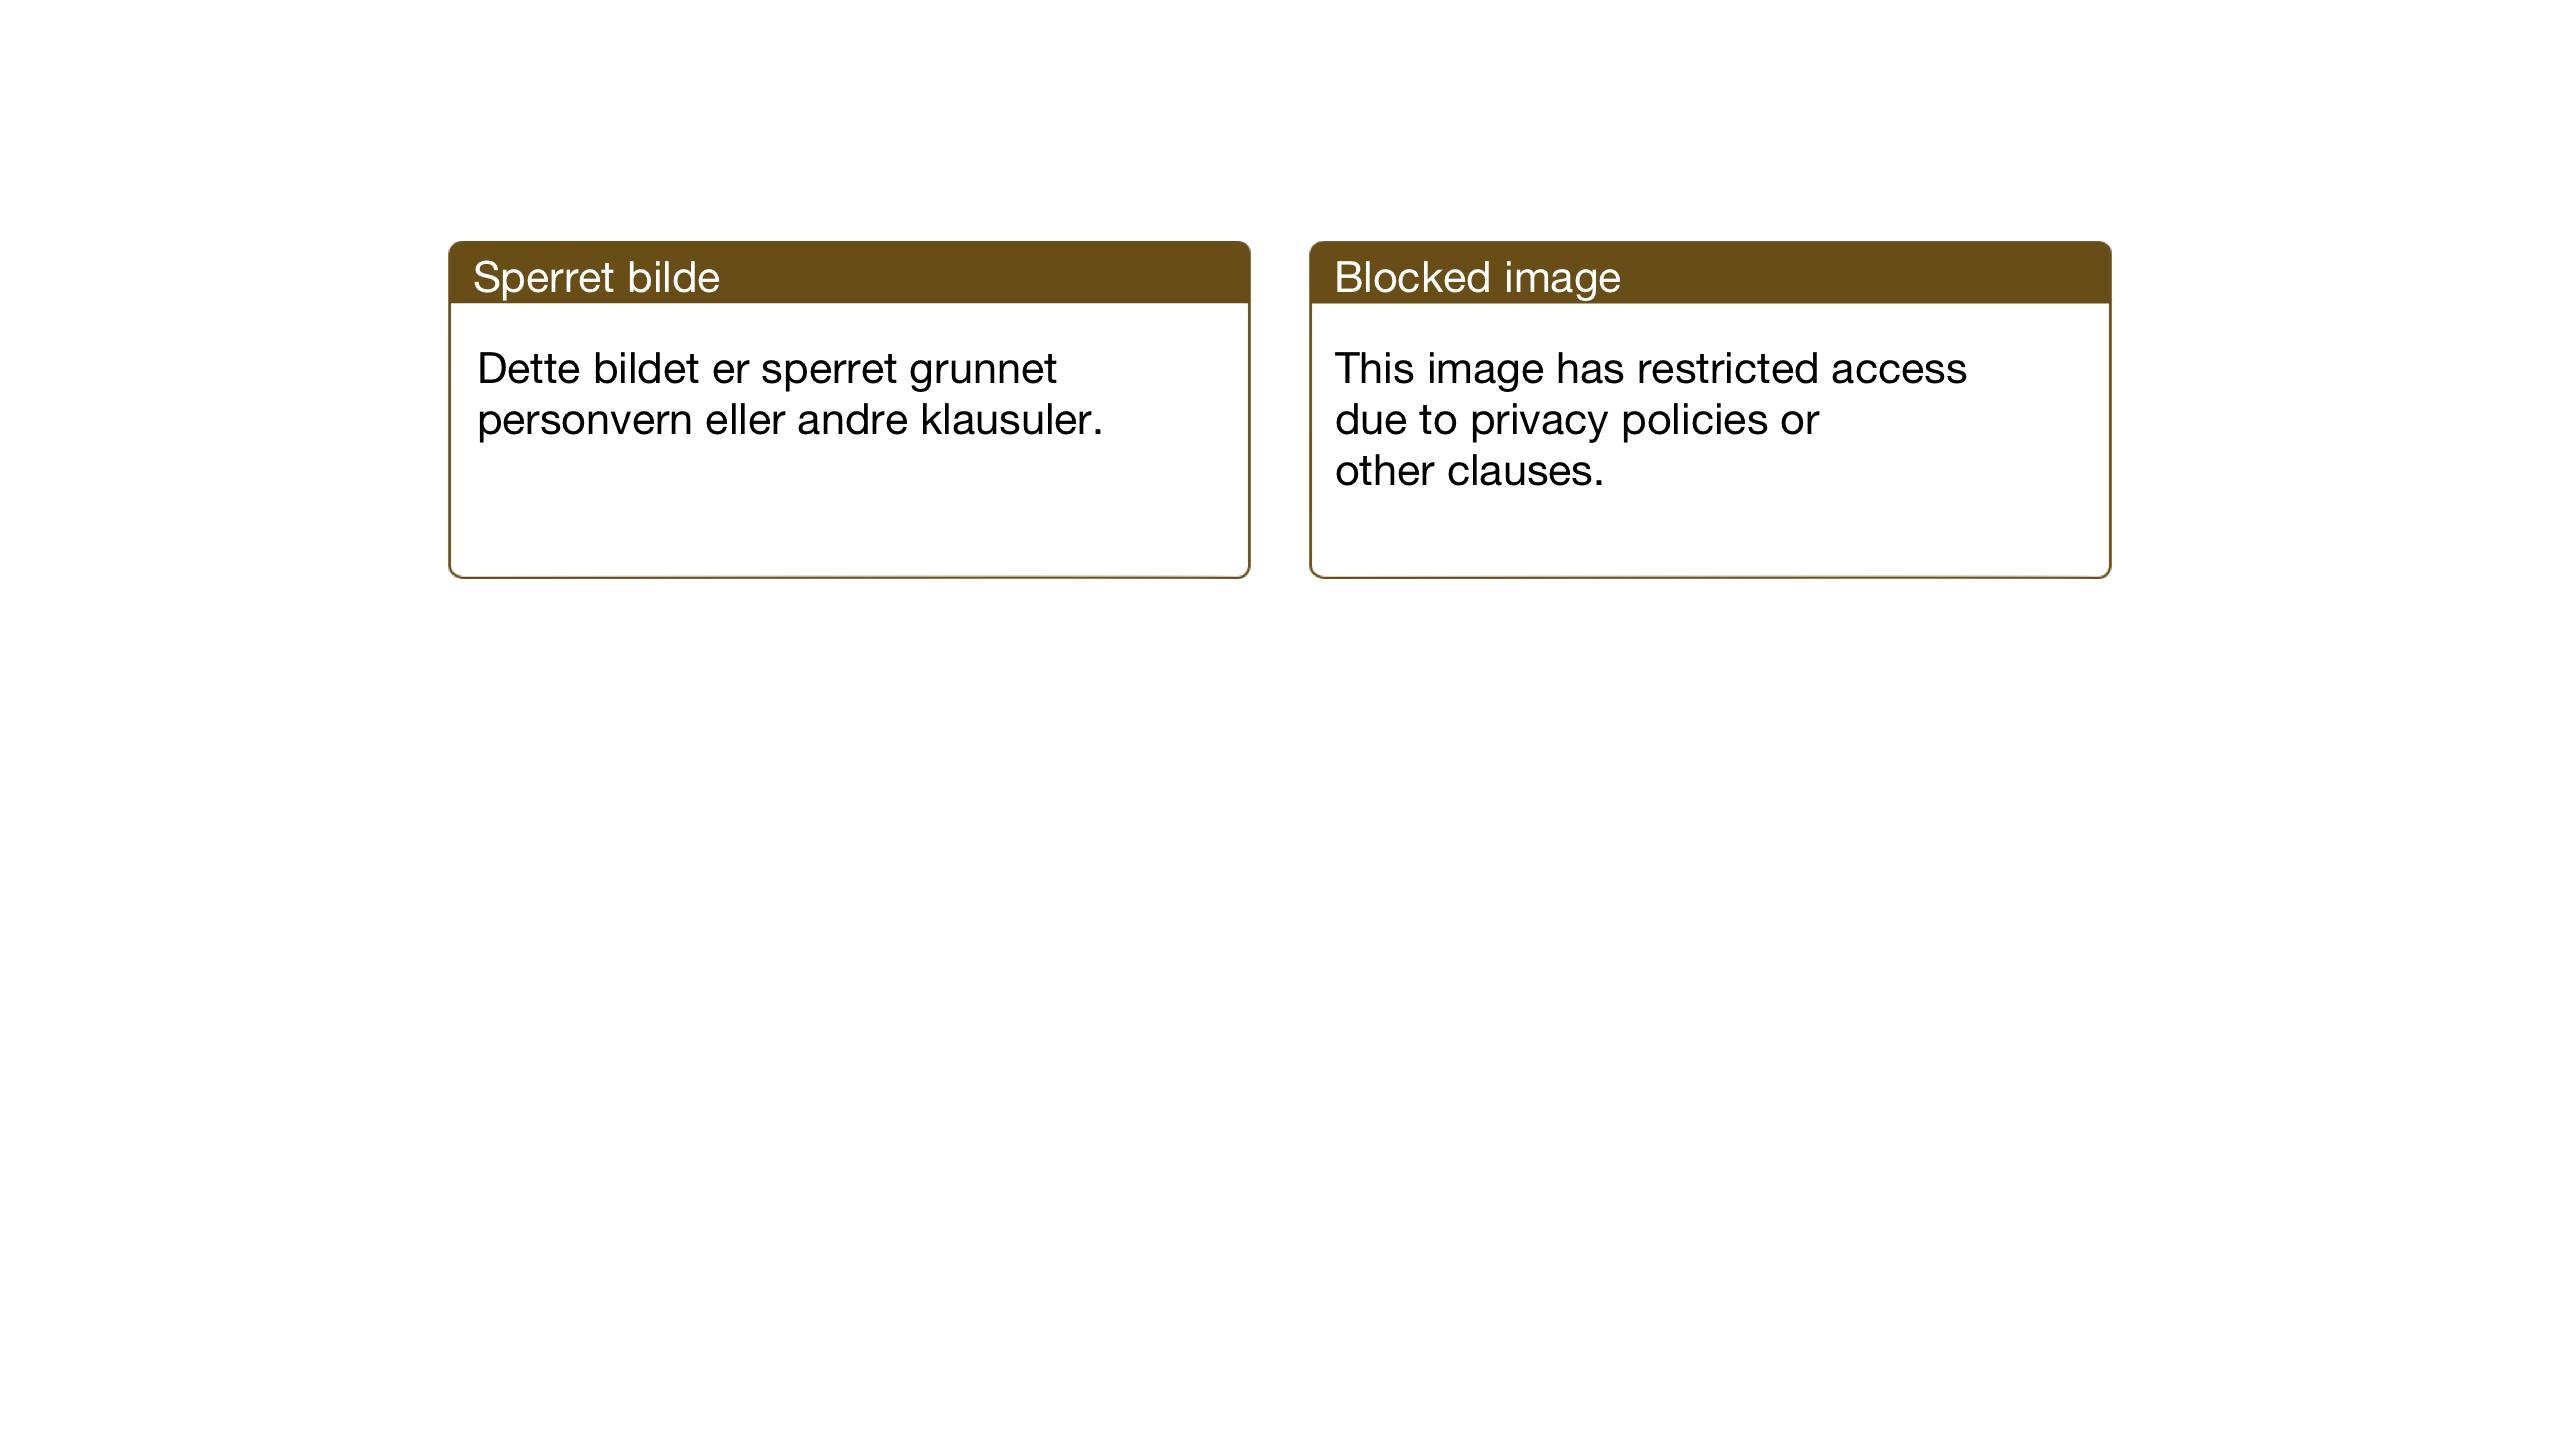 SAT, Ministerialprotokoller, klokkerbøker og fødselsregistre - Sør-Trøndelag, 670/L0837: Klokkerbok nr. 670C01, 1905-1946, s. 90-91